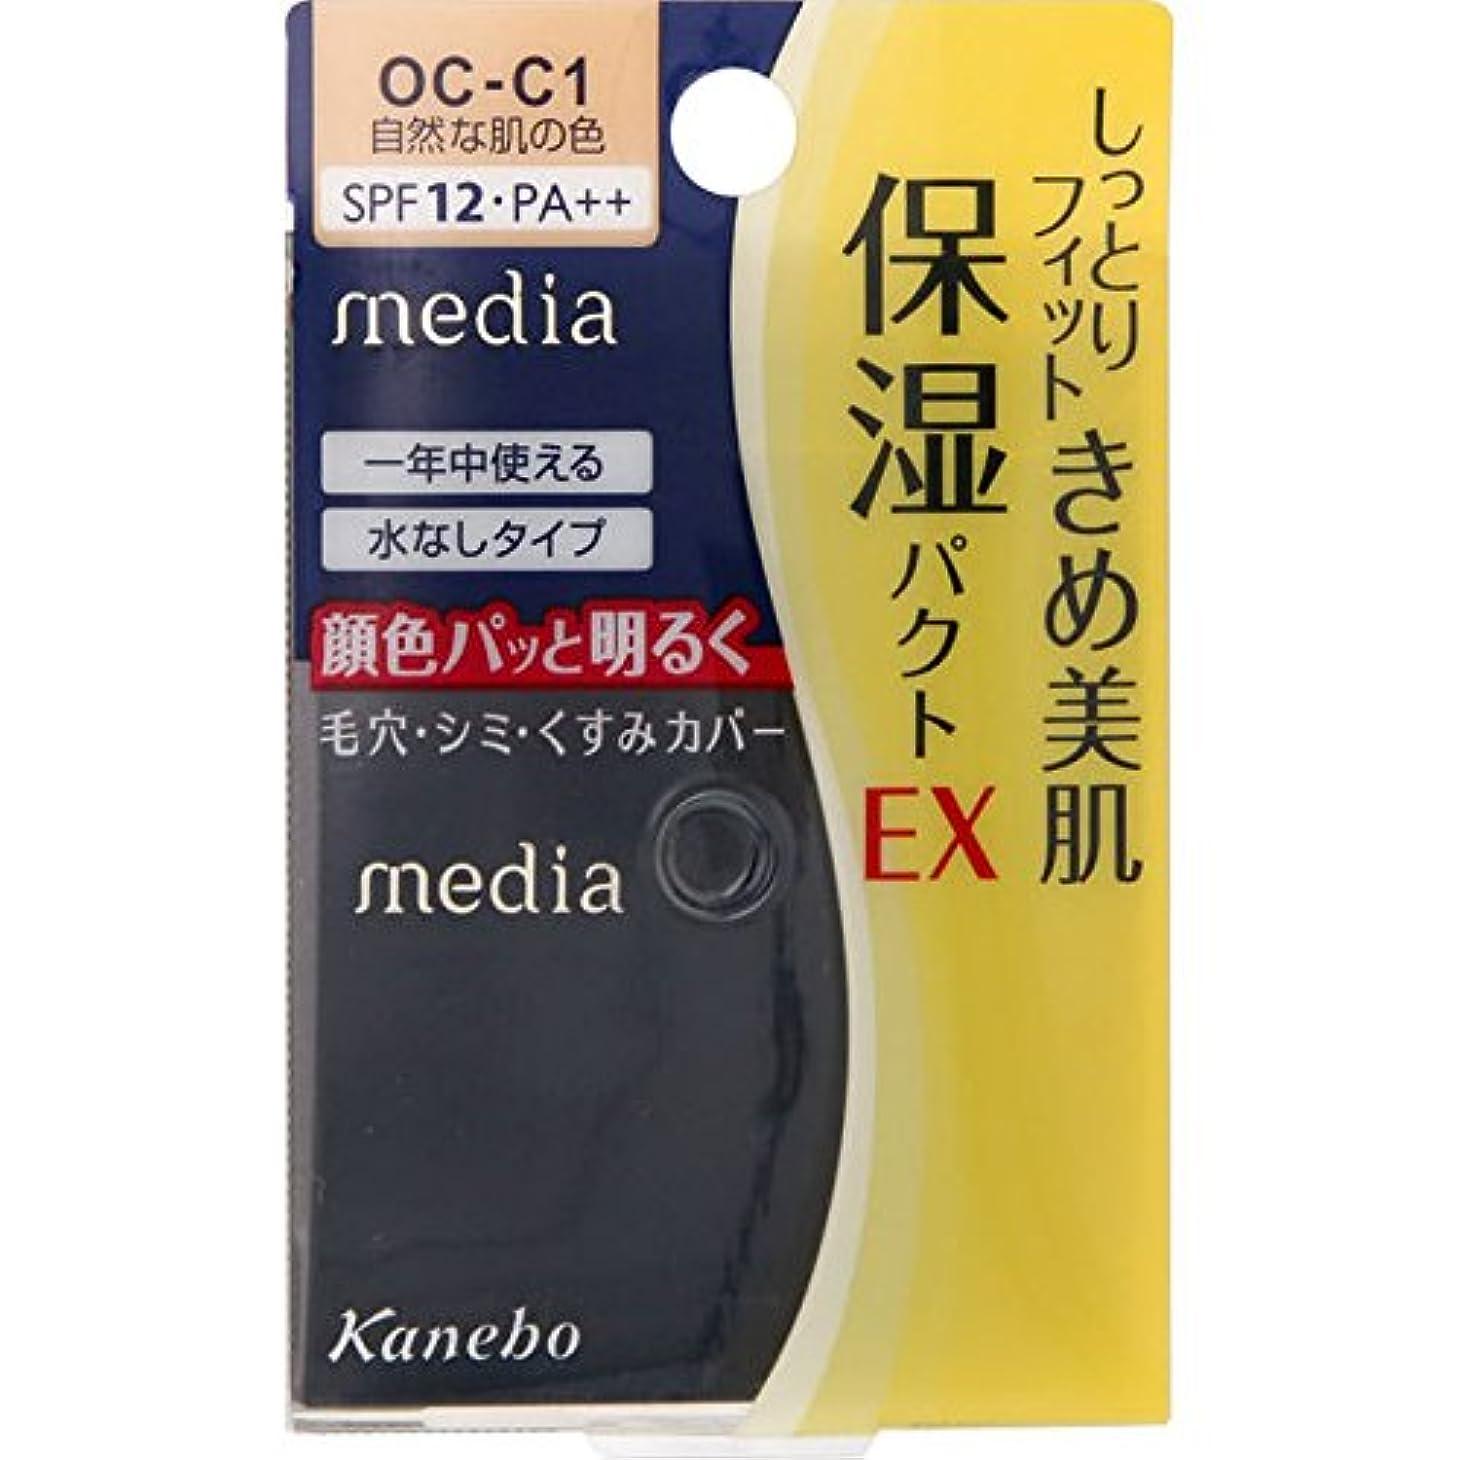 北米生活達成するカネボウ メディア モイストフィットパクトEX OC-C1(11g)